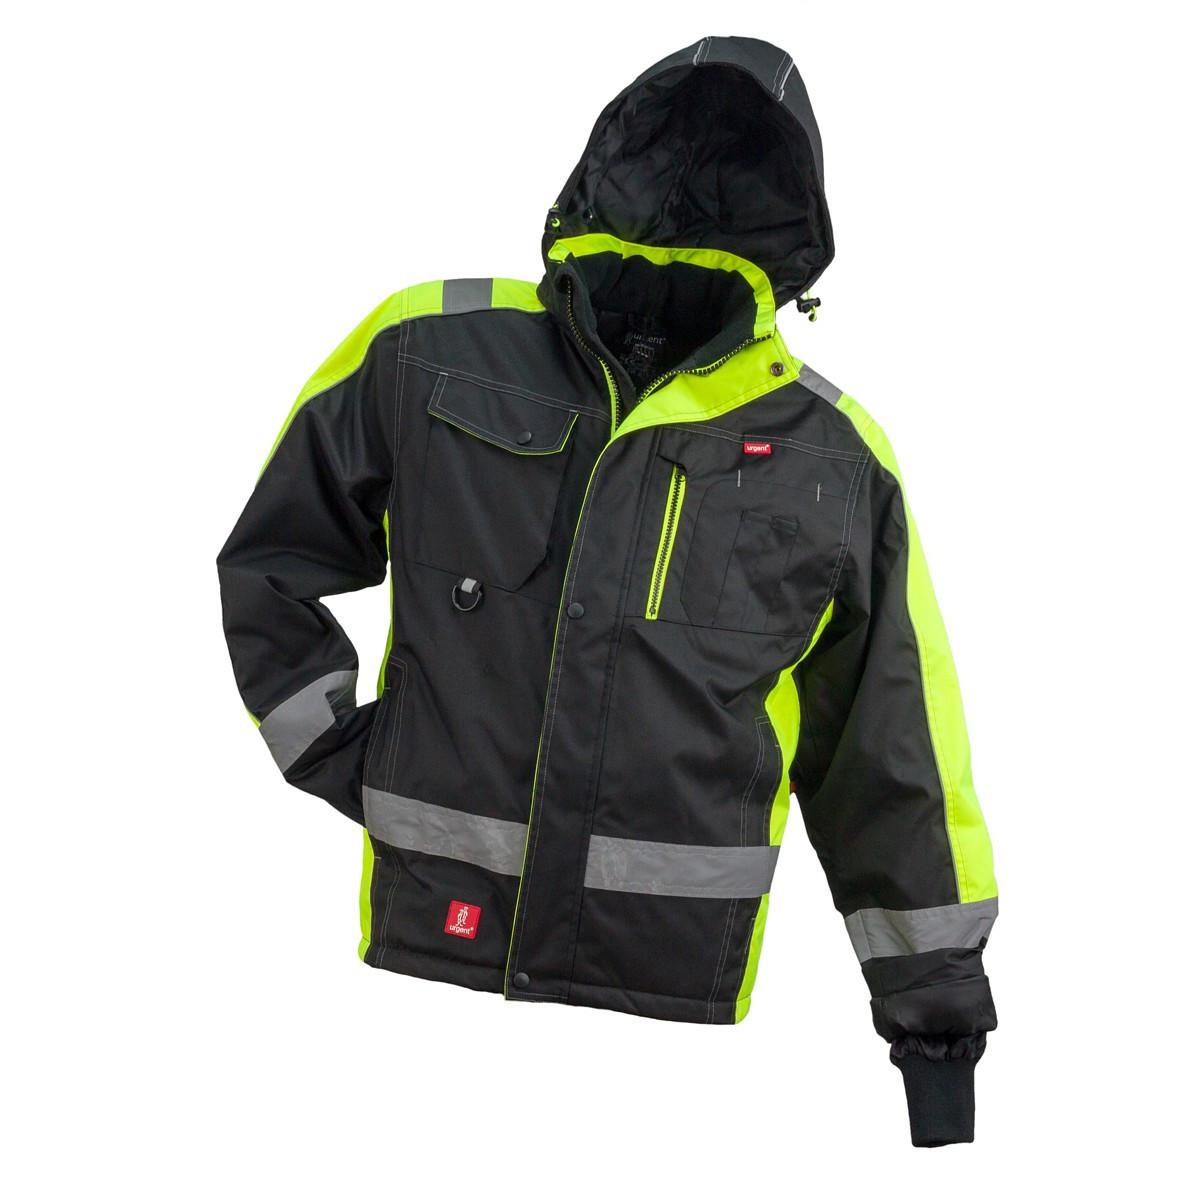 Куртка  GL-8365, утеплённая, выполнена из 100% полиэстера, черно-желтого цвета.  Urgent (POLAND)